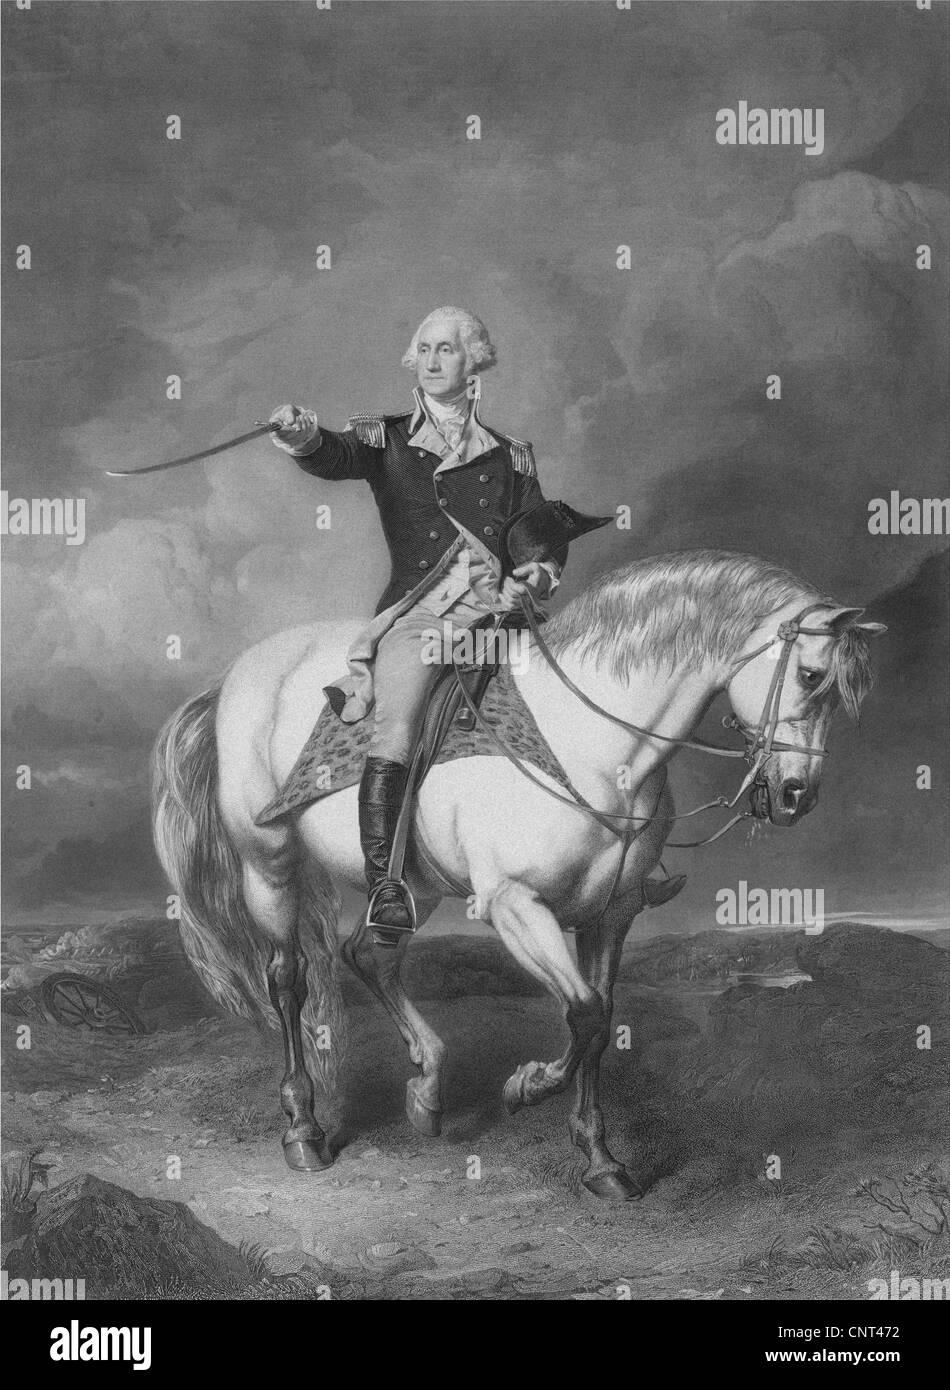 La guerra revolucionaria americana vintage de impresión General George Washington a caballo. Foto de stock